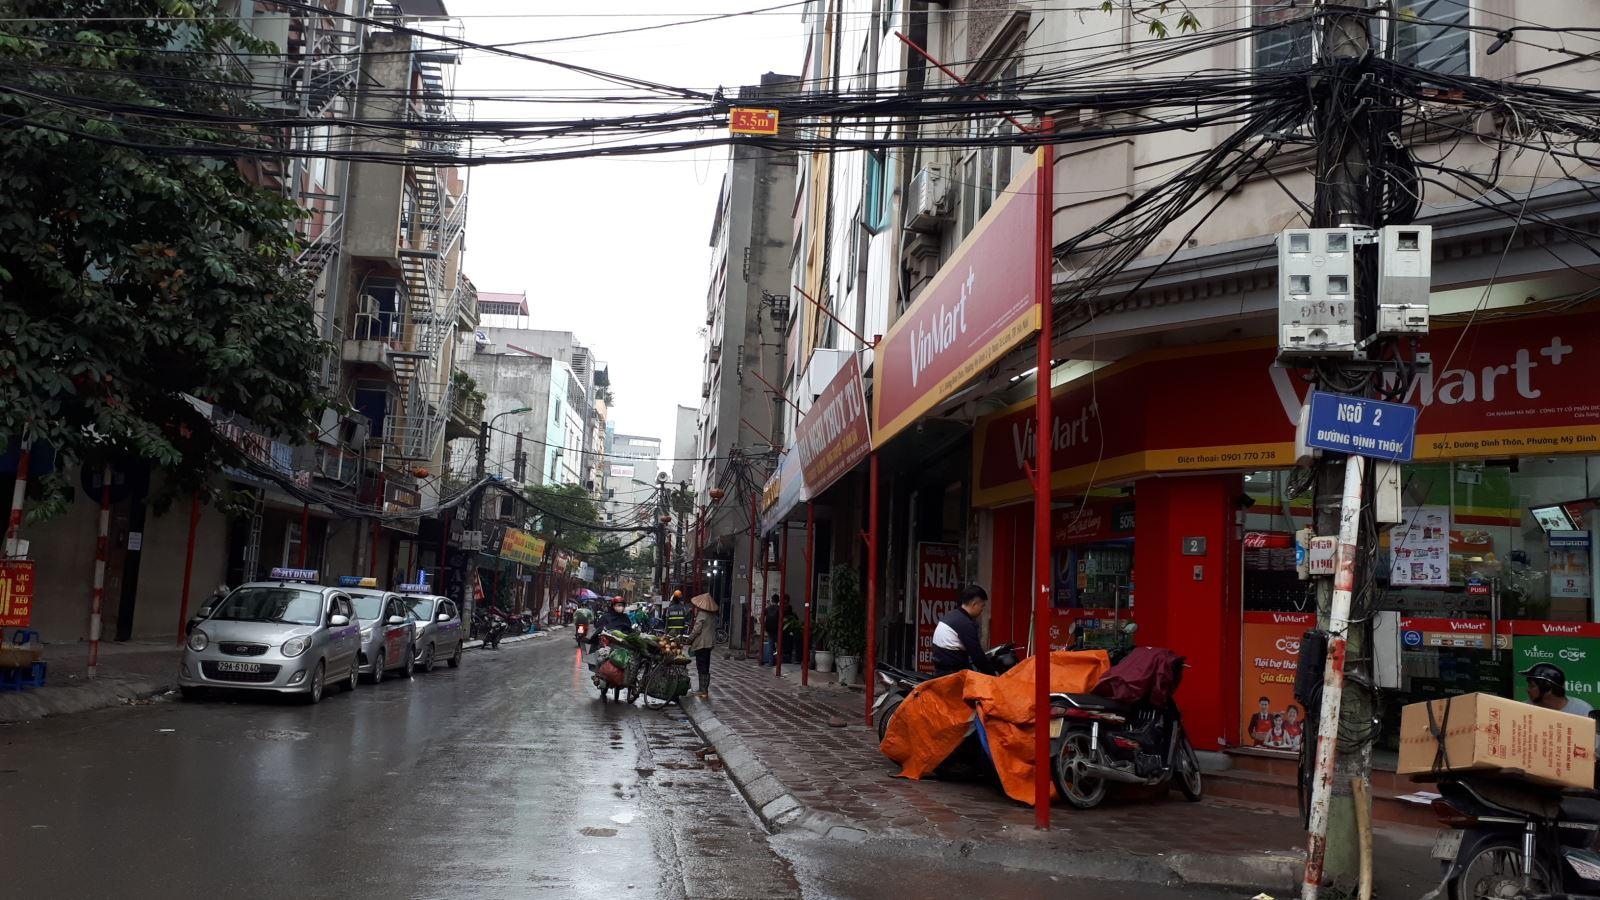 Lạ mắt với hàng cột, biển 'đồng phục' tại tuyến phố kiểu mẫu thứ 2 của Hà Nội - Ảnh 2.